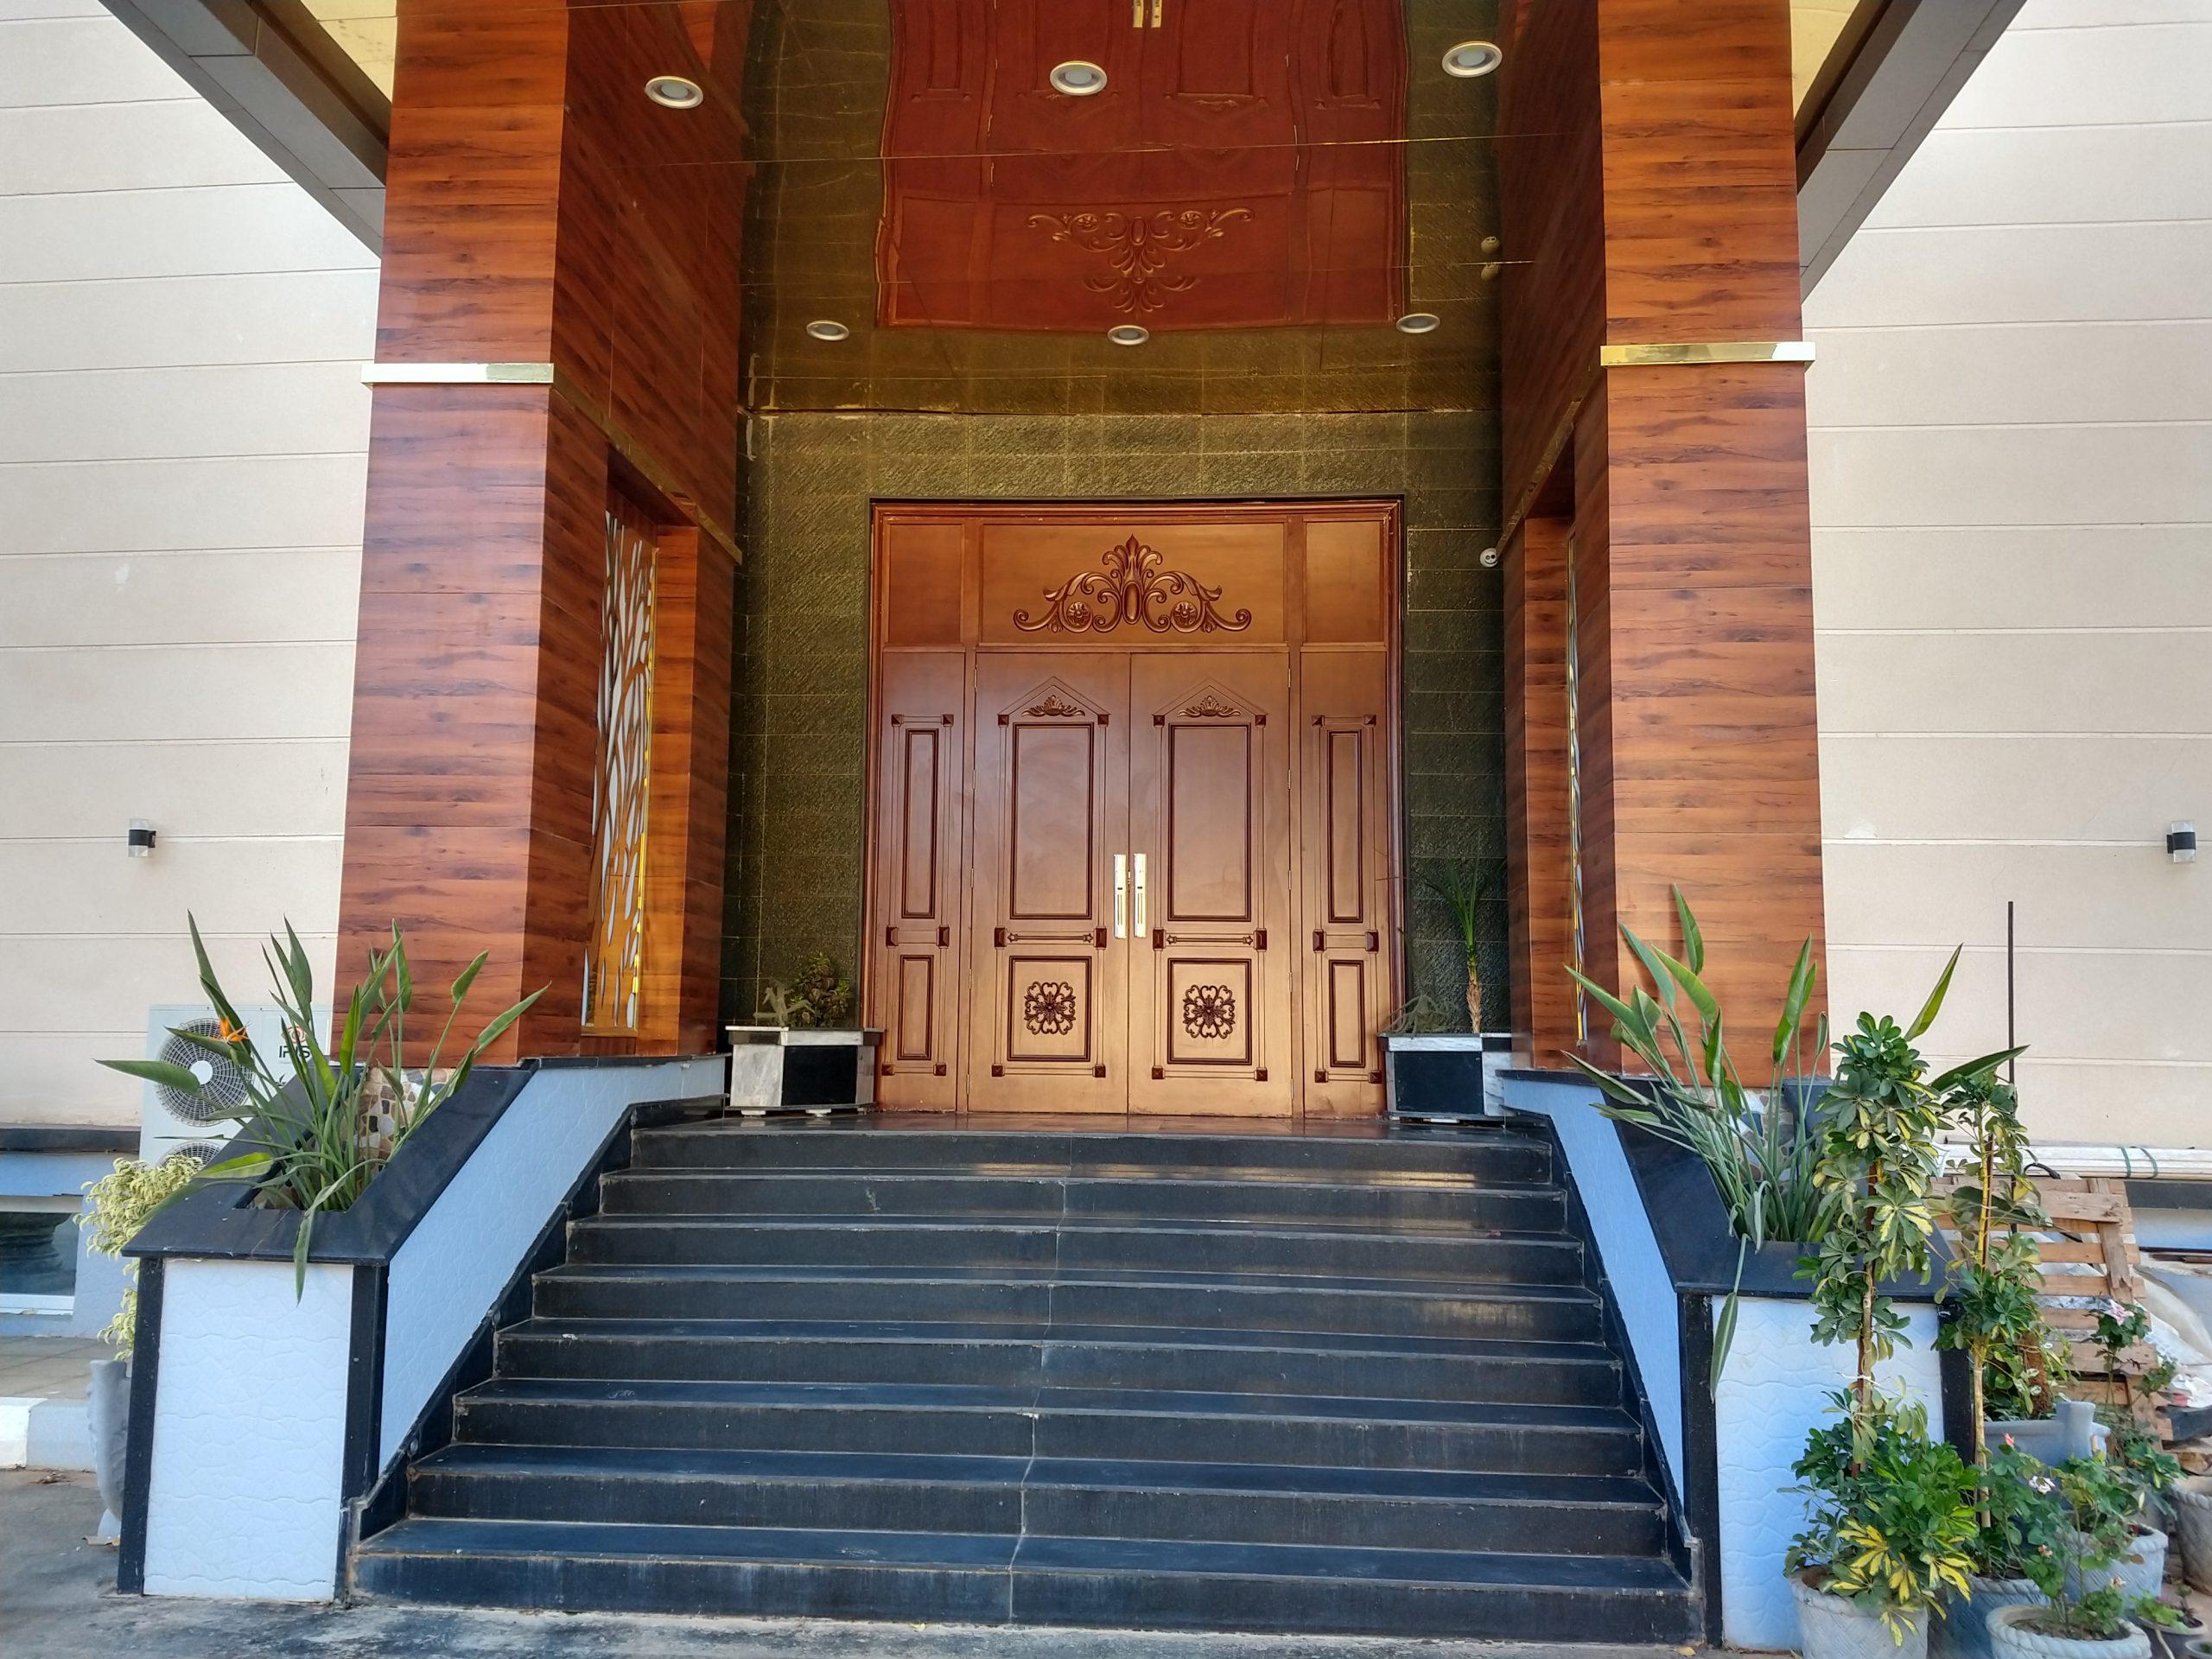 HOTEL CHLEF HADEF